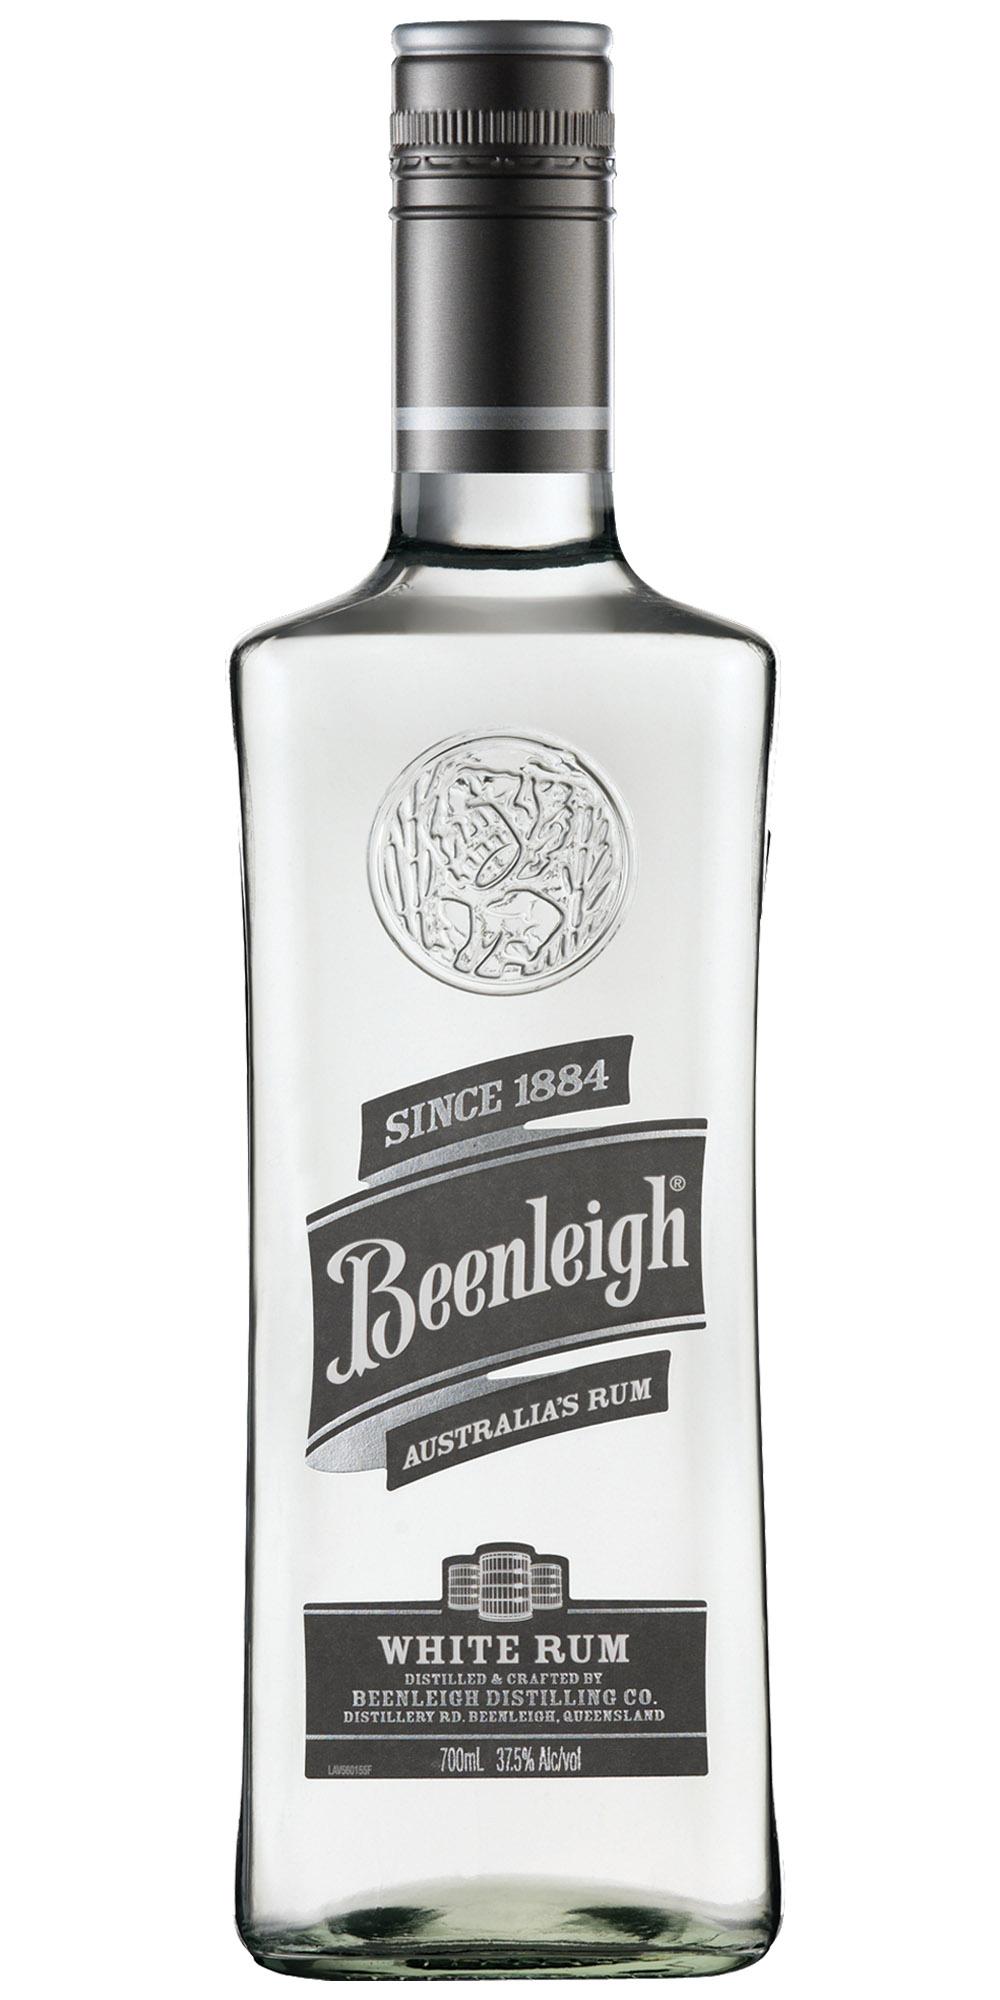 beenleigh-white-rum.jpg